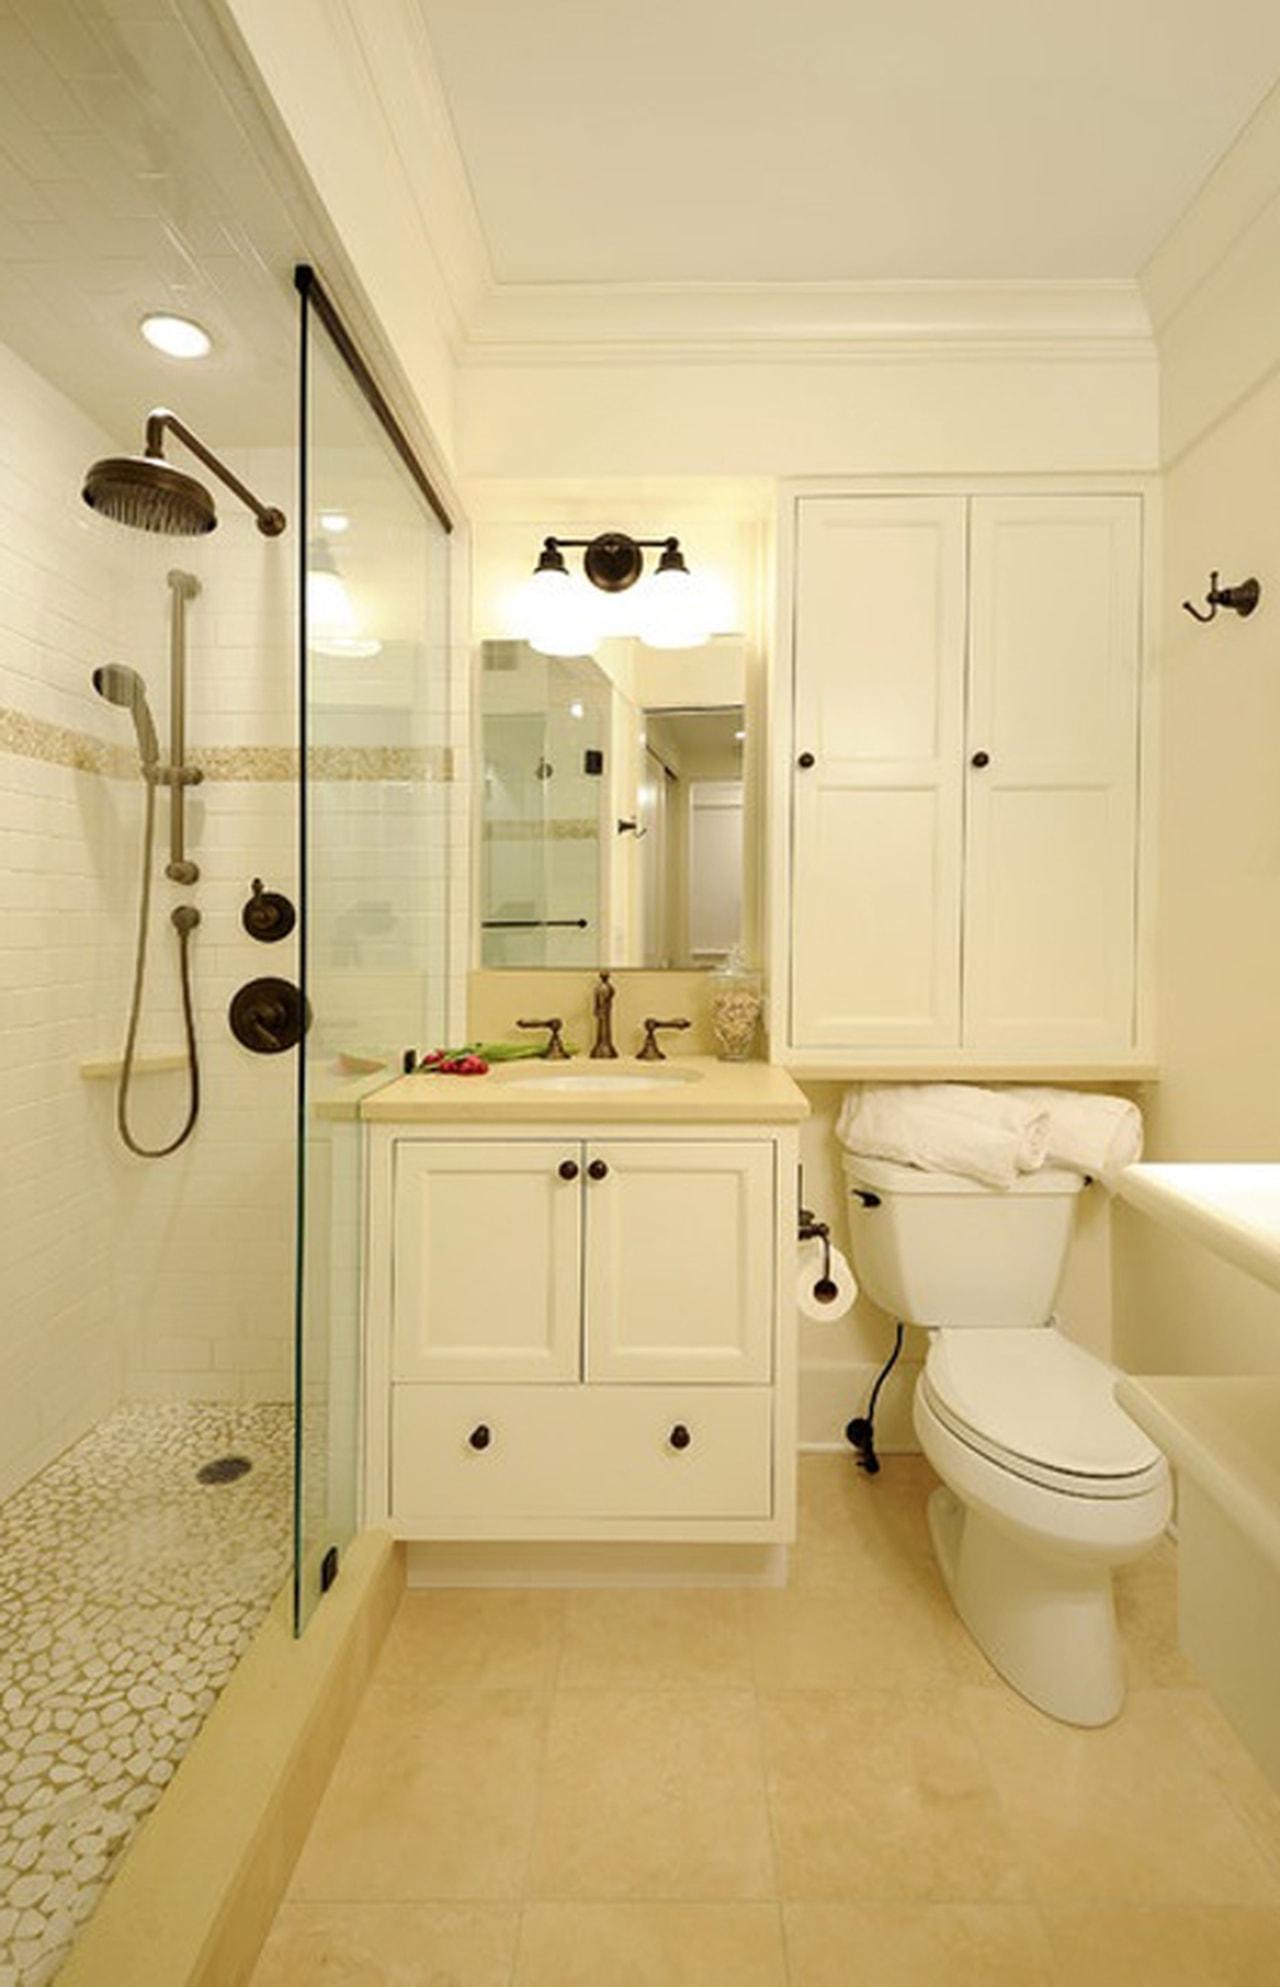 بالصور ديكور حمامات منازل , ديكورات تناسب جميع مساحات الحمامات 3254 14